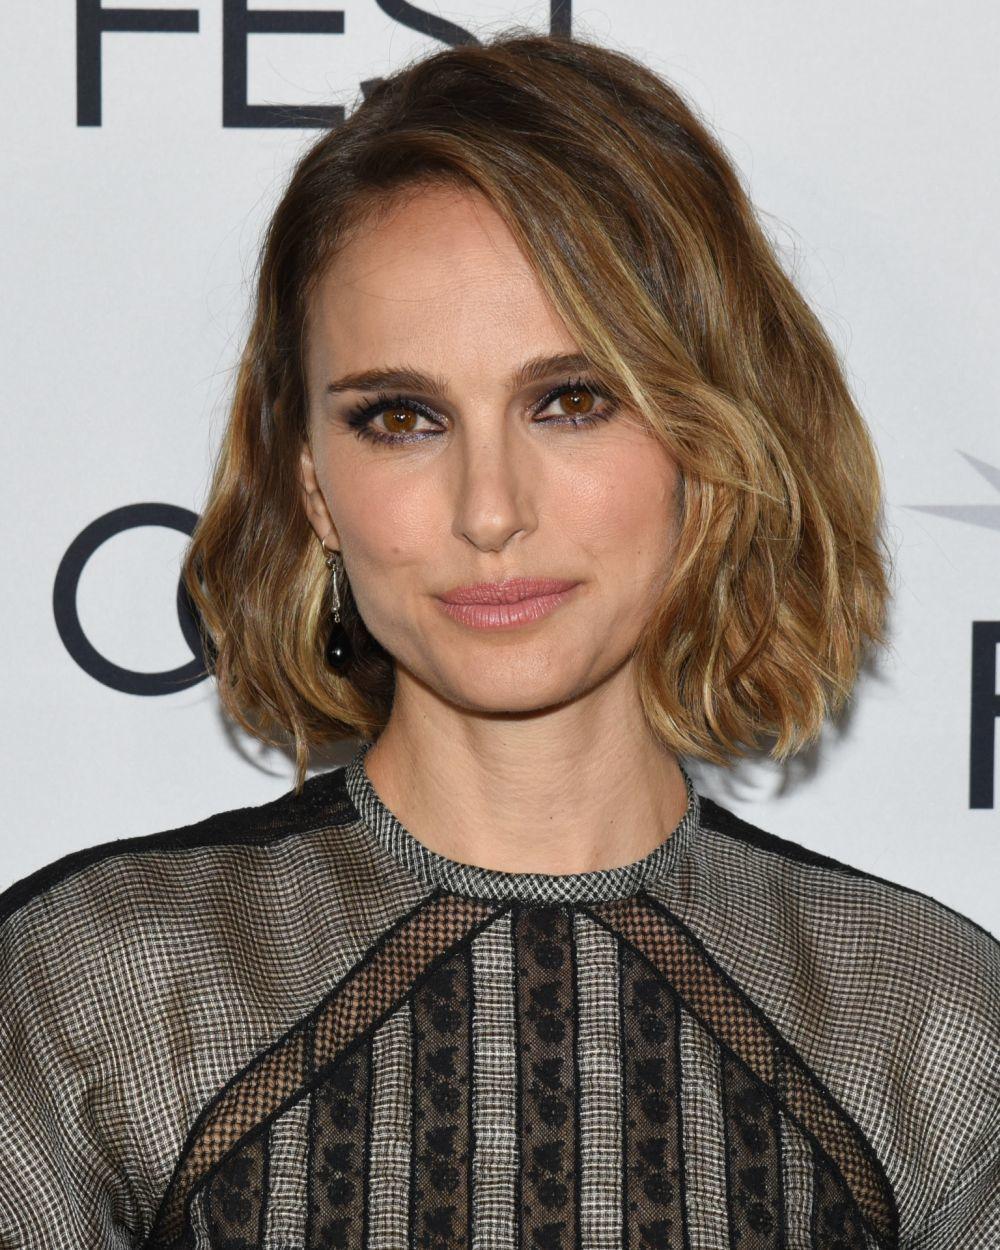 Natalie Portman luce un corte bob o wavy bob ondulado que favorece muchísimo a su cara ovalada aunque con ese corte de cara está guapísima incluso con los cortes cortos como el pixie.